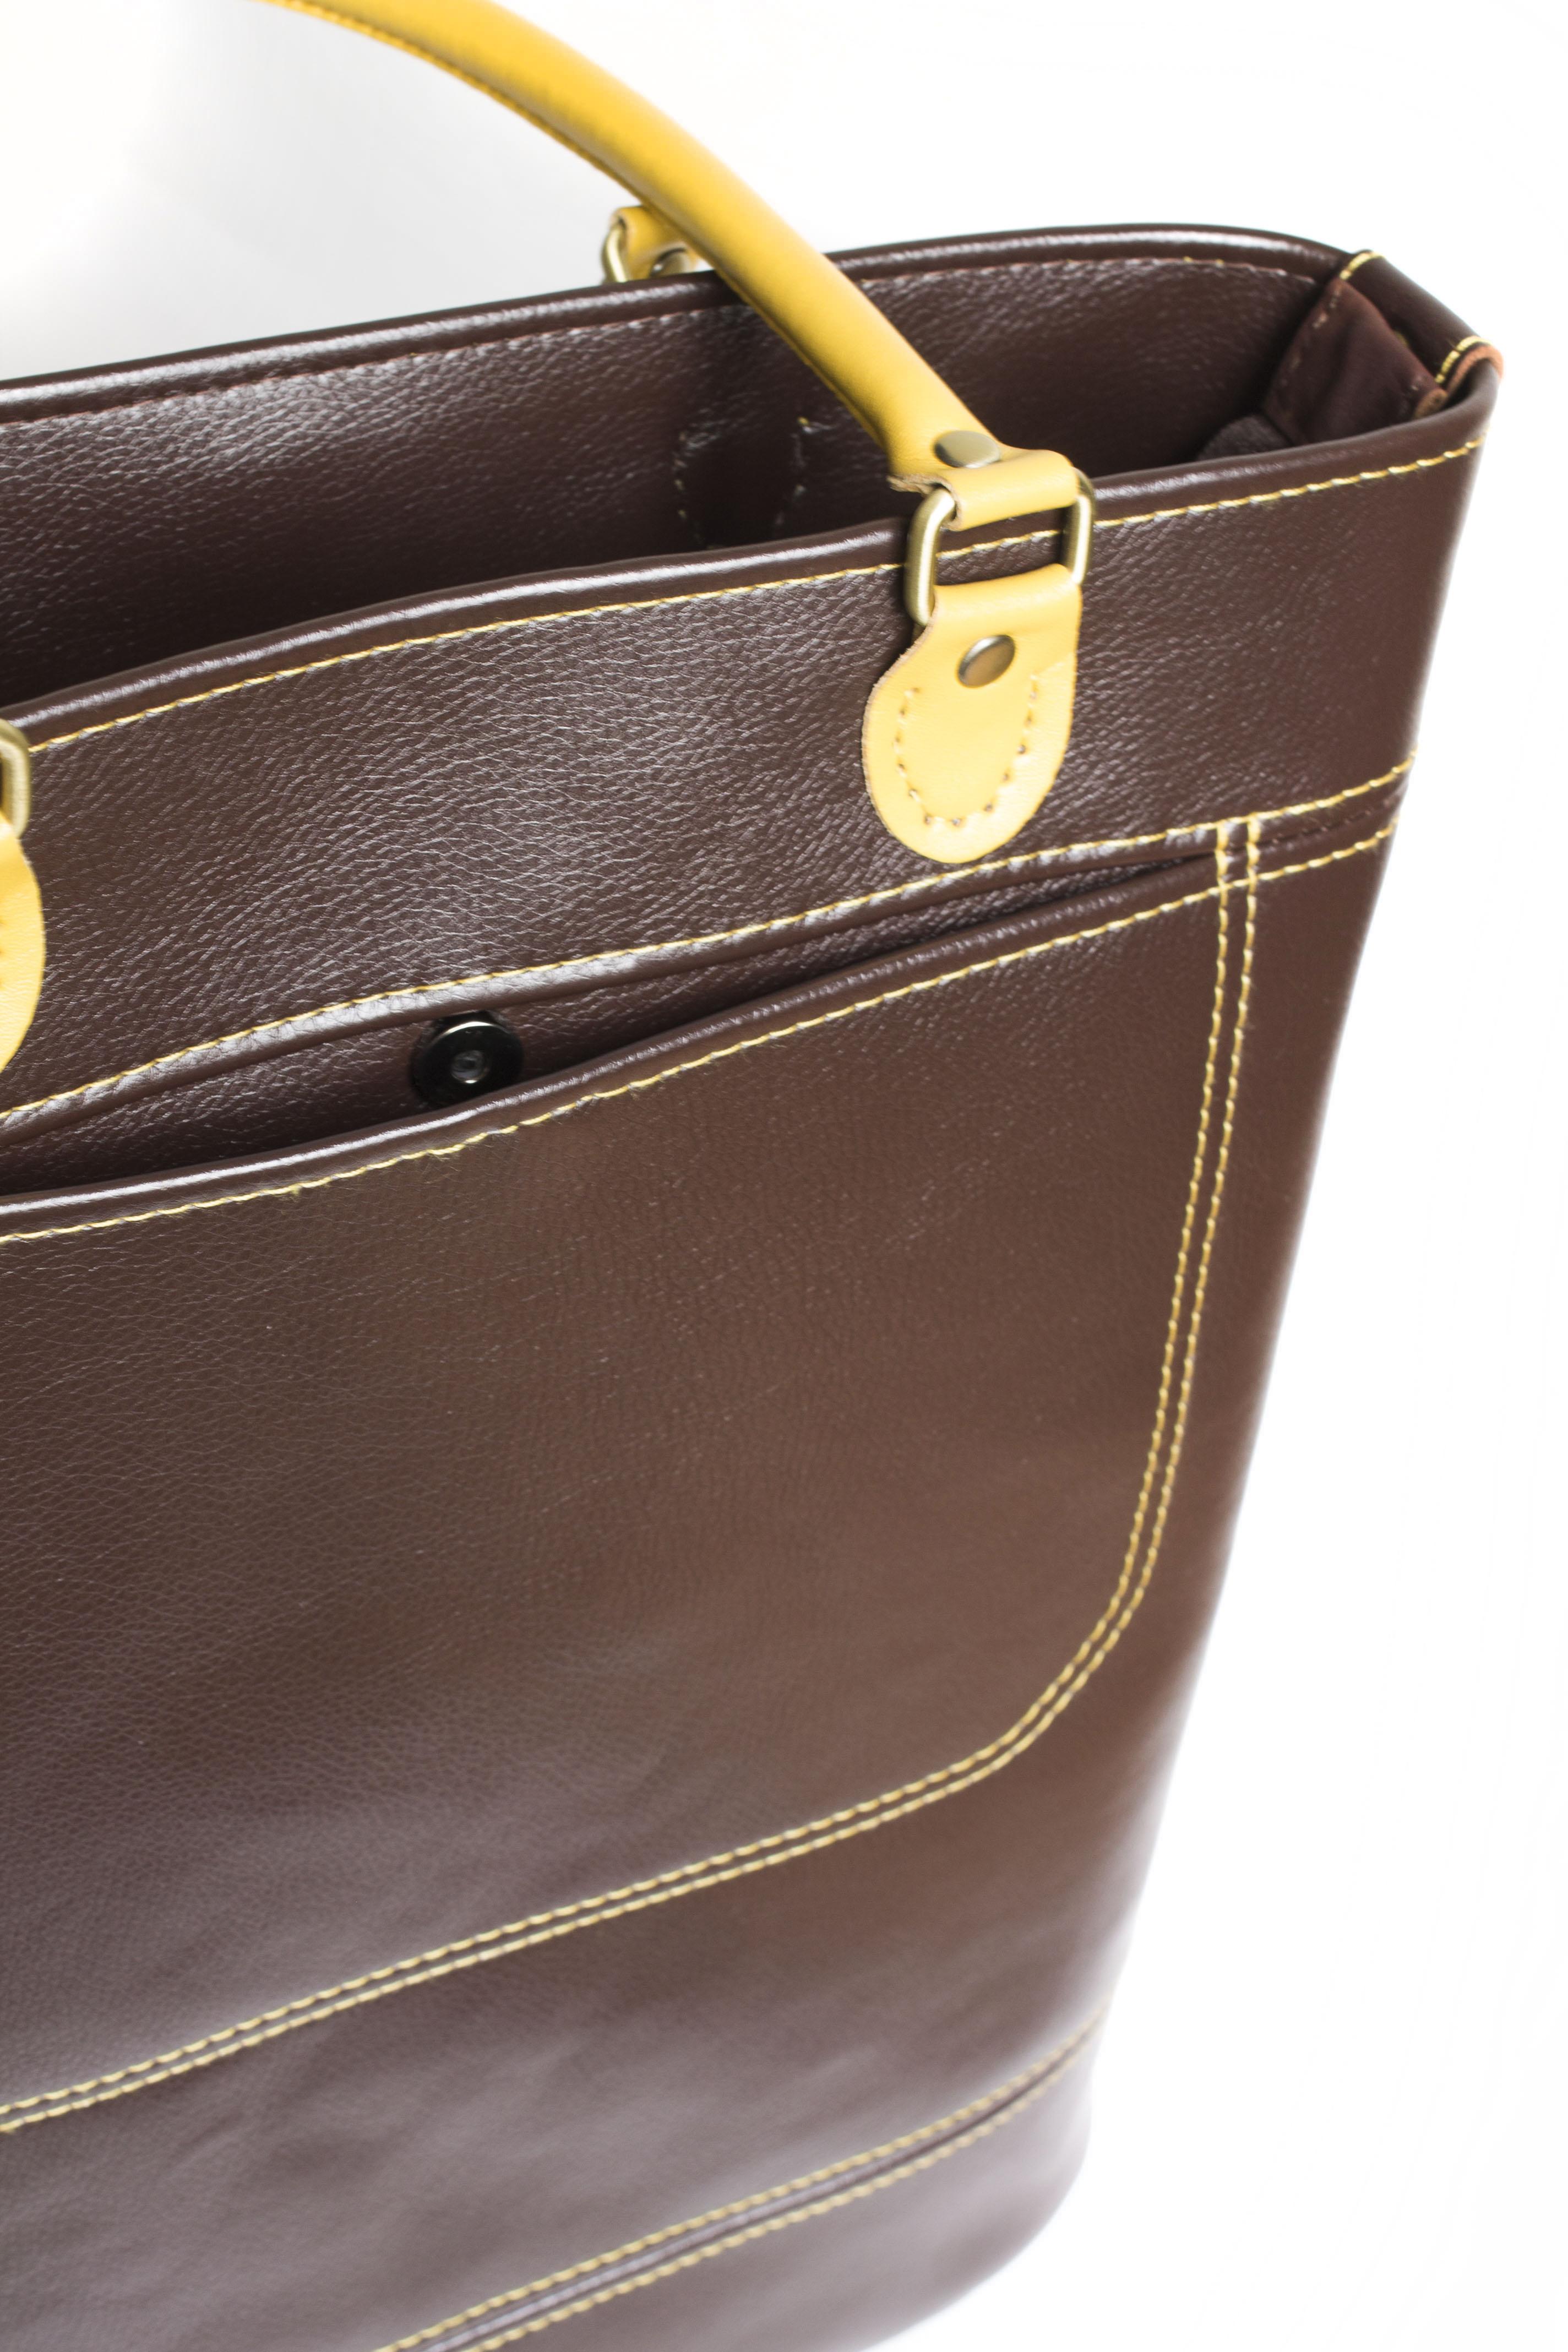 карман на сумке